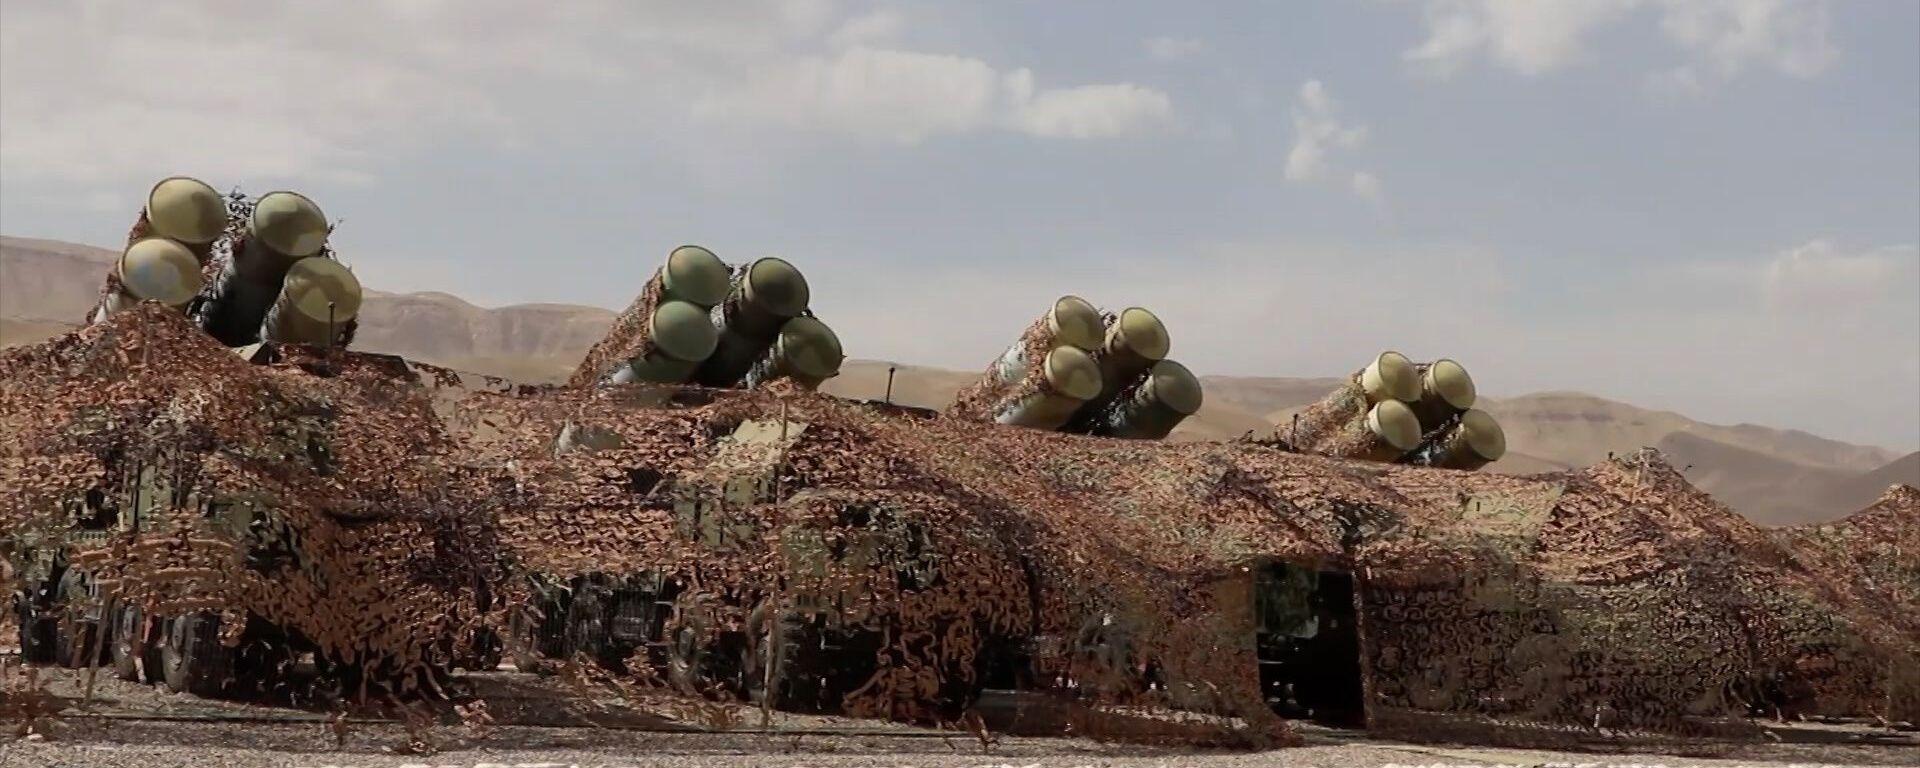 Rusya'dan Taliban tehdidinin arttığı Tacikistan'da S-300'lü eğitim tatbikatı - Sputnik Türkiye, 1920, 27.08.2021